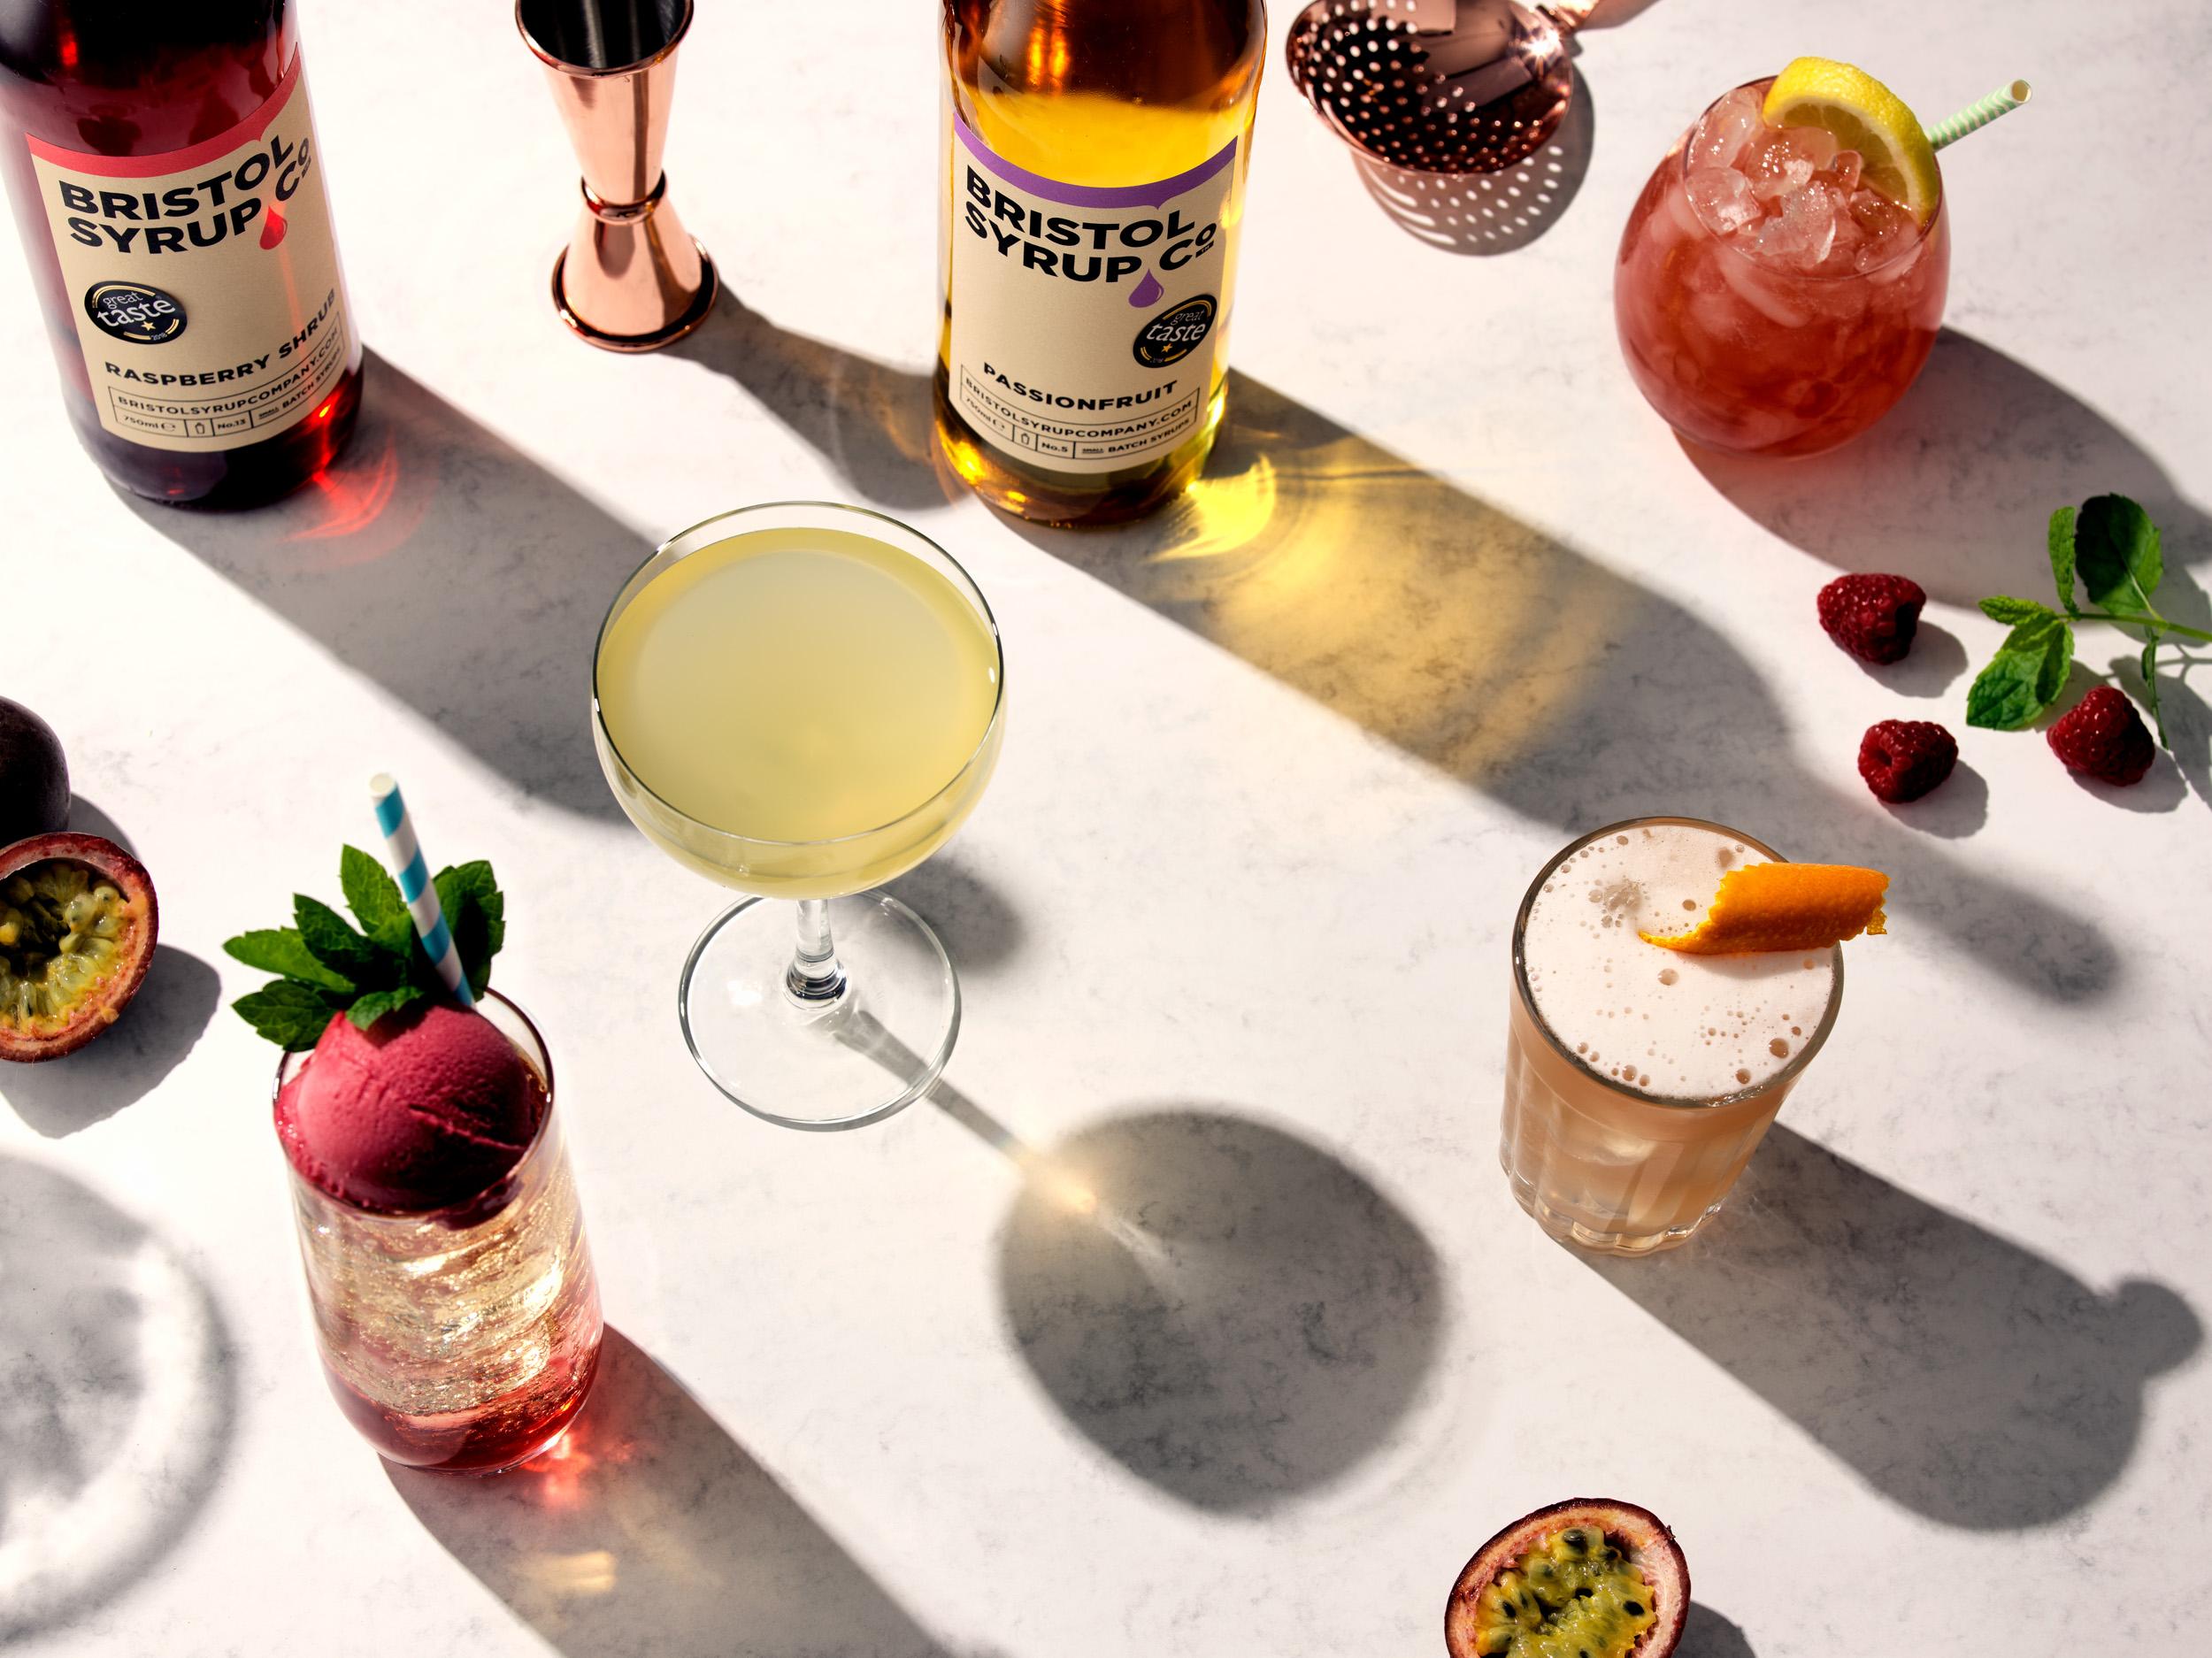 Bristol Syrup Co - Great Taste bottles + cocktails